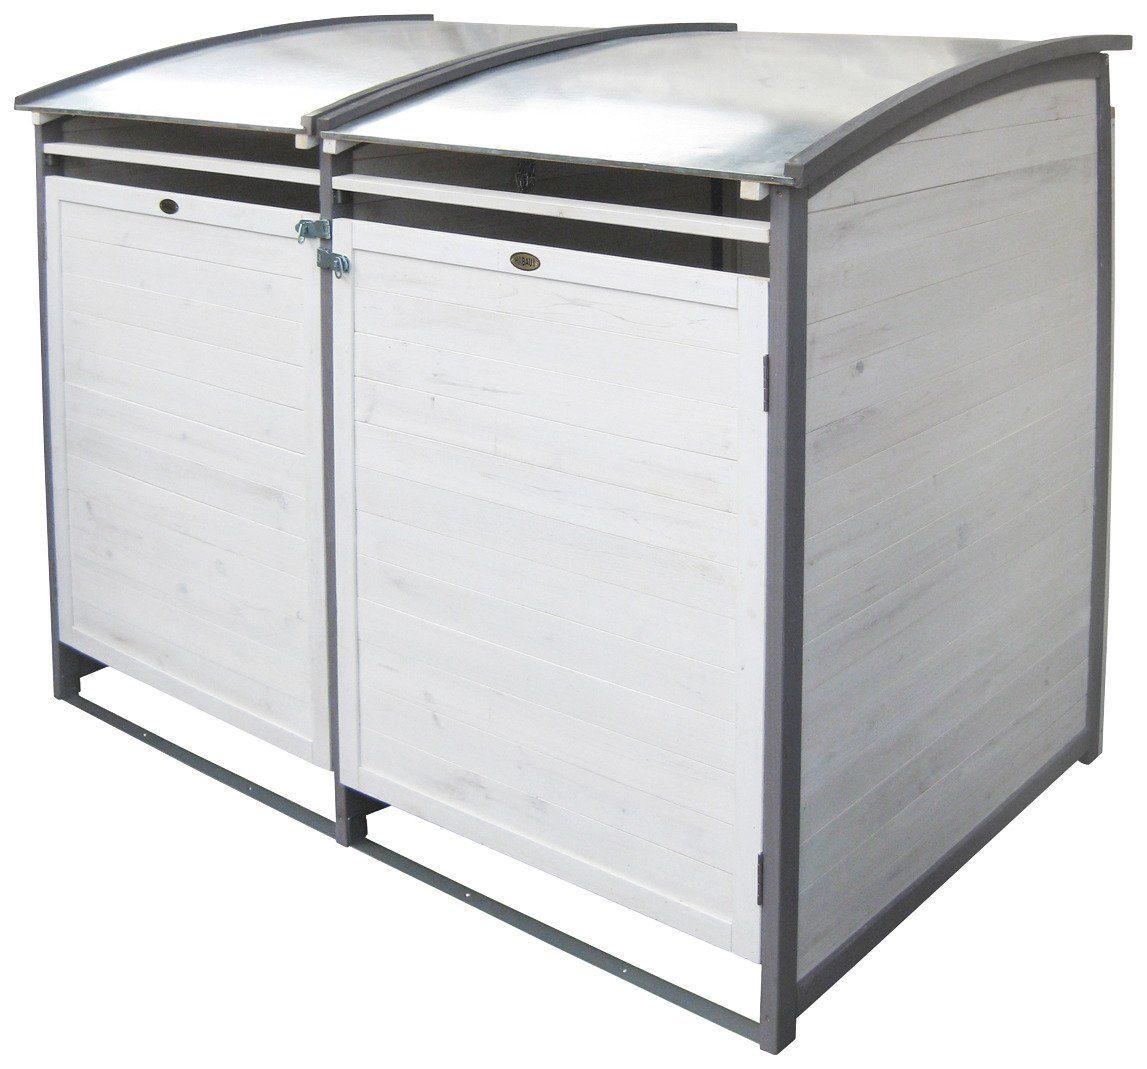 HABAU Mülltonnenbox , für 2x120 l aus Holz, B/T/H: 122/76/116 cm